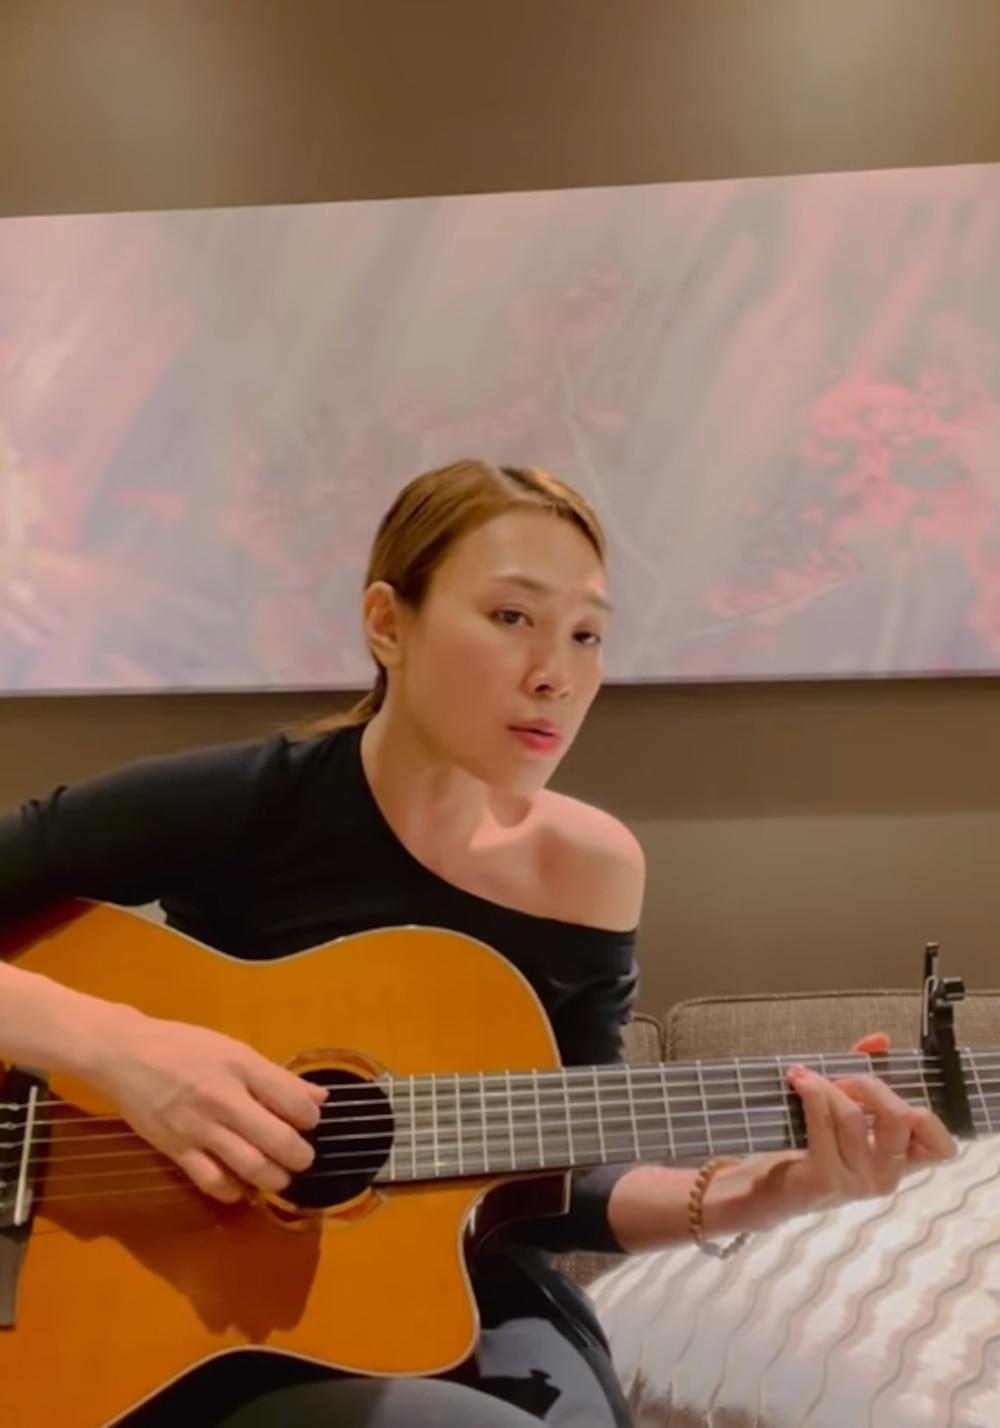 Mỹ Tâm ngọt ngào gửi tặng ca khúc Hẹn nhau năm ấy đến người hâm mộ